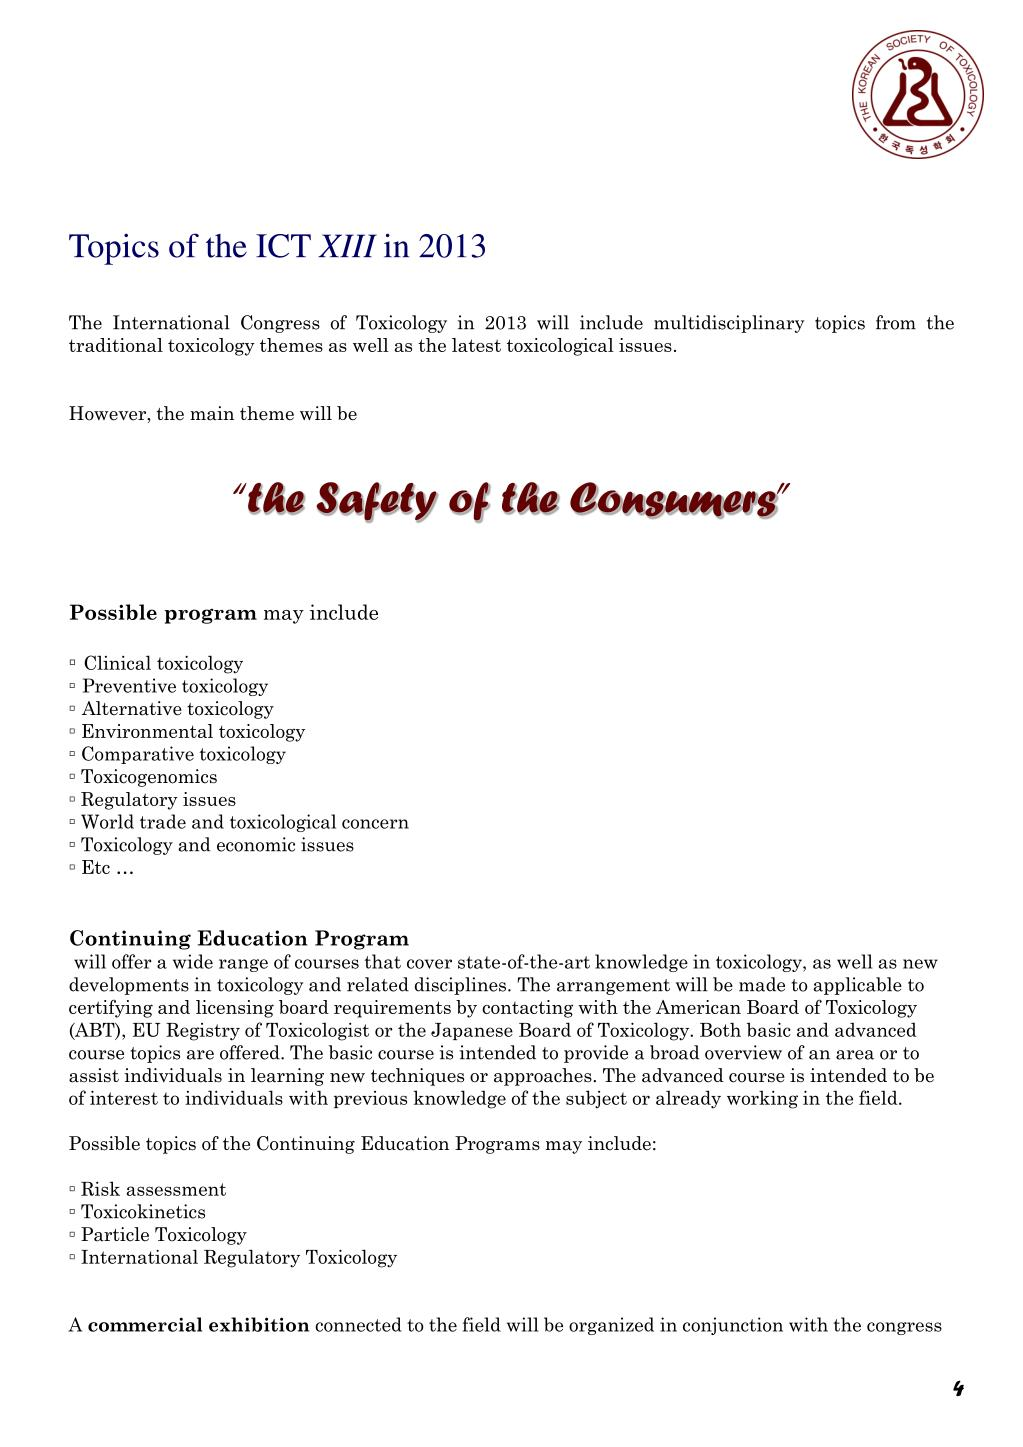 Topics of the ICT